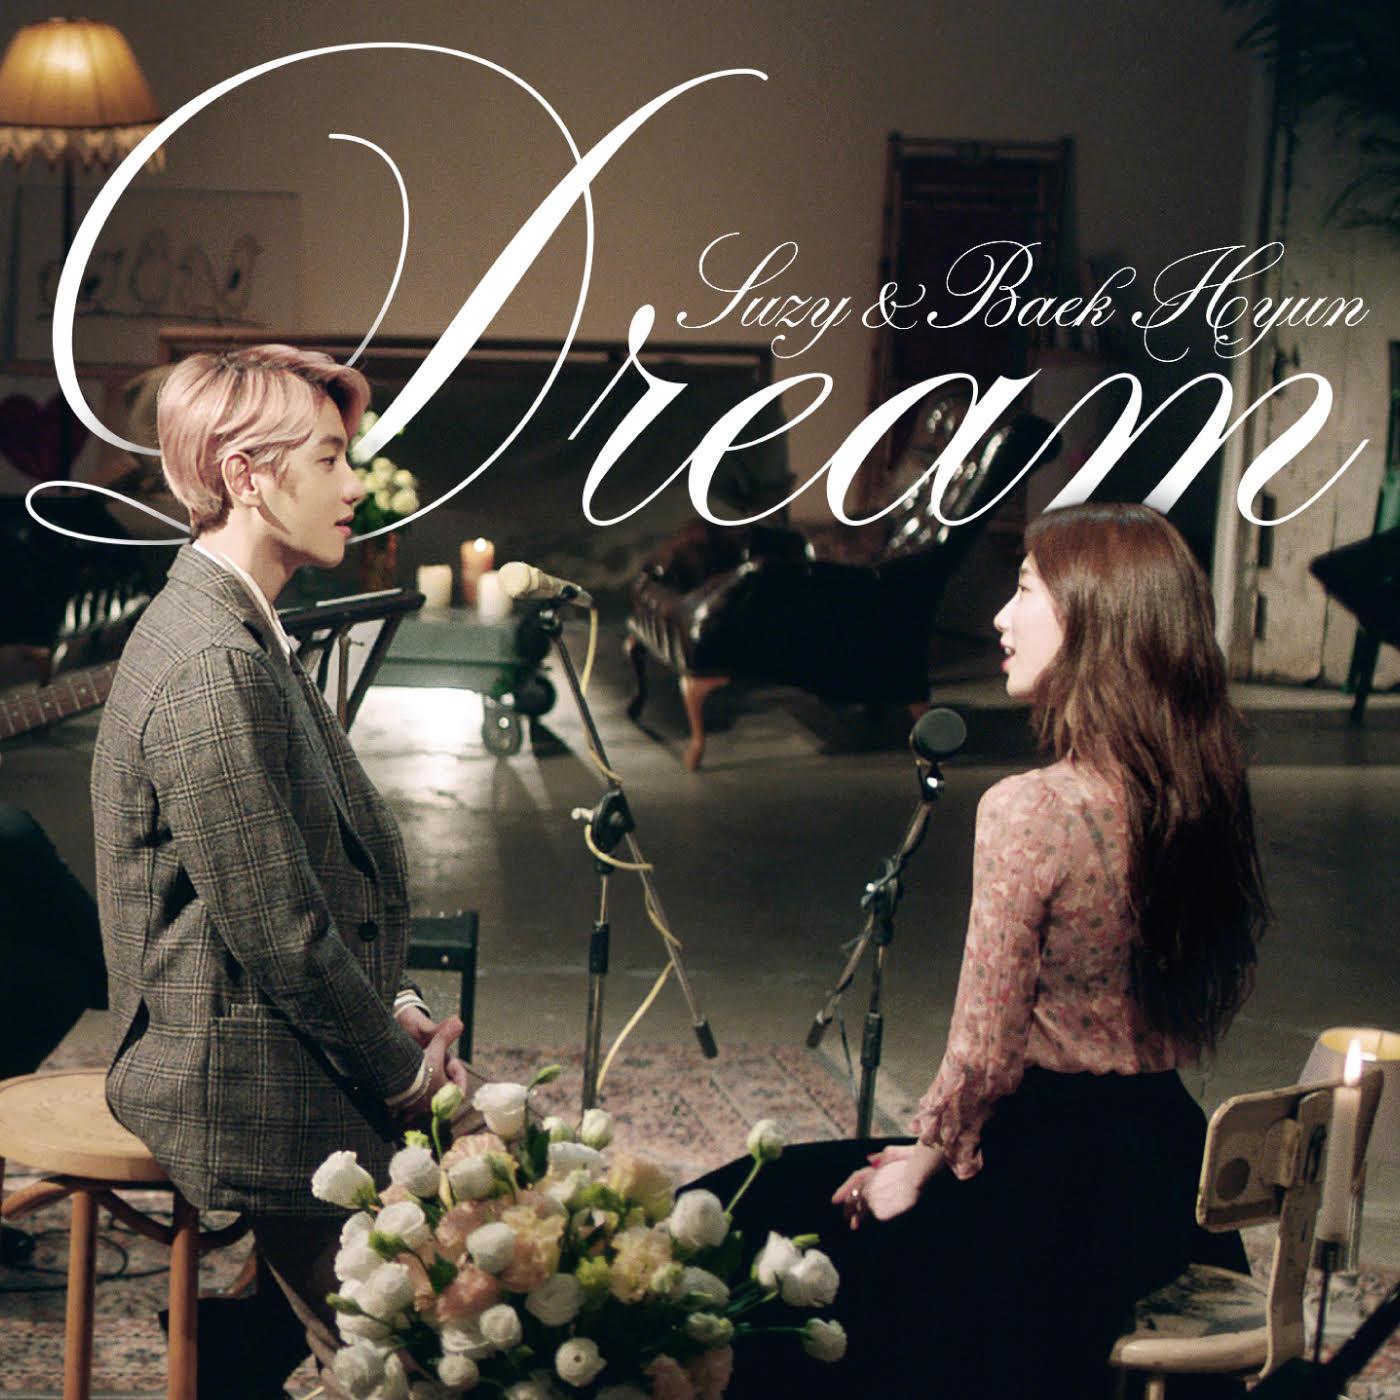 """""""Dream"""", el dueto de Suzy y Baekhyun, se coloca en lo más alto de la lista Gaon una vez más"""